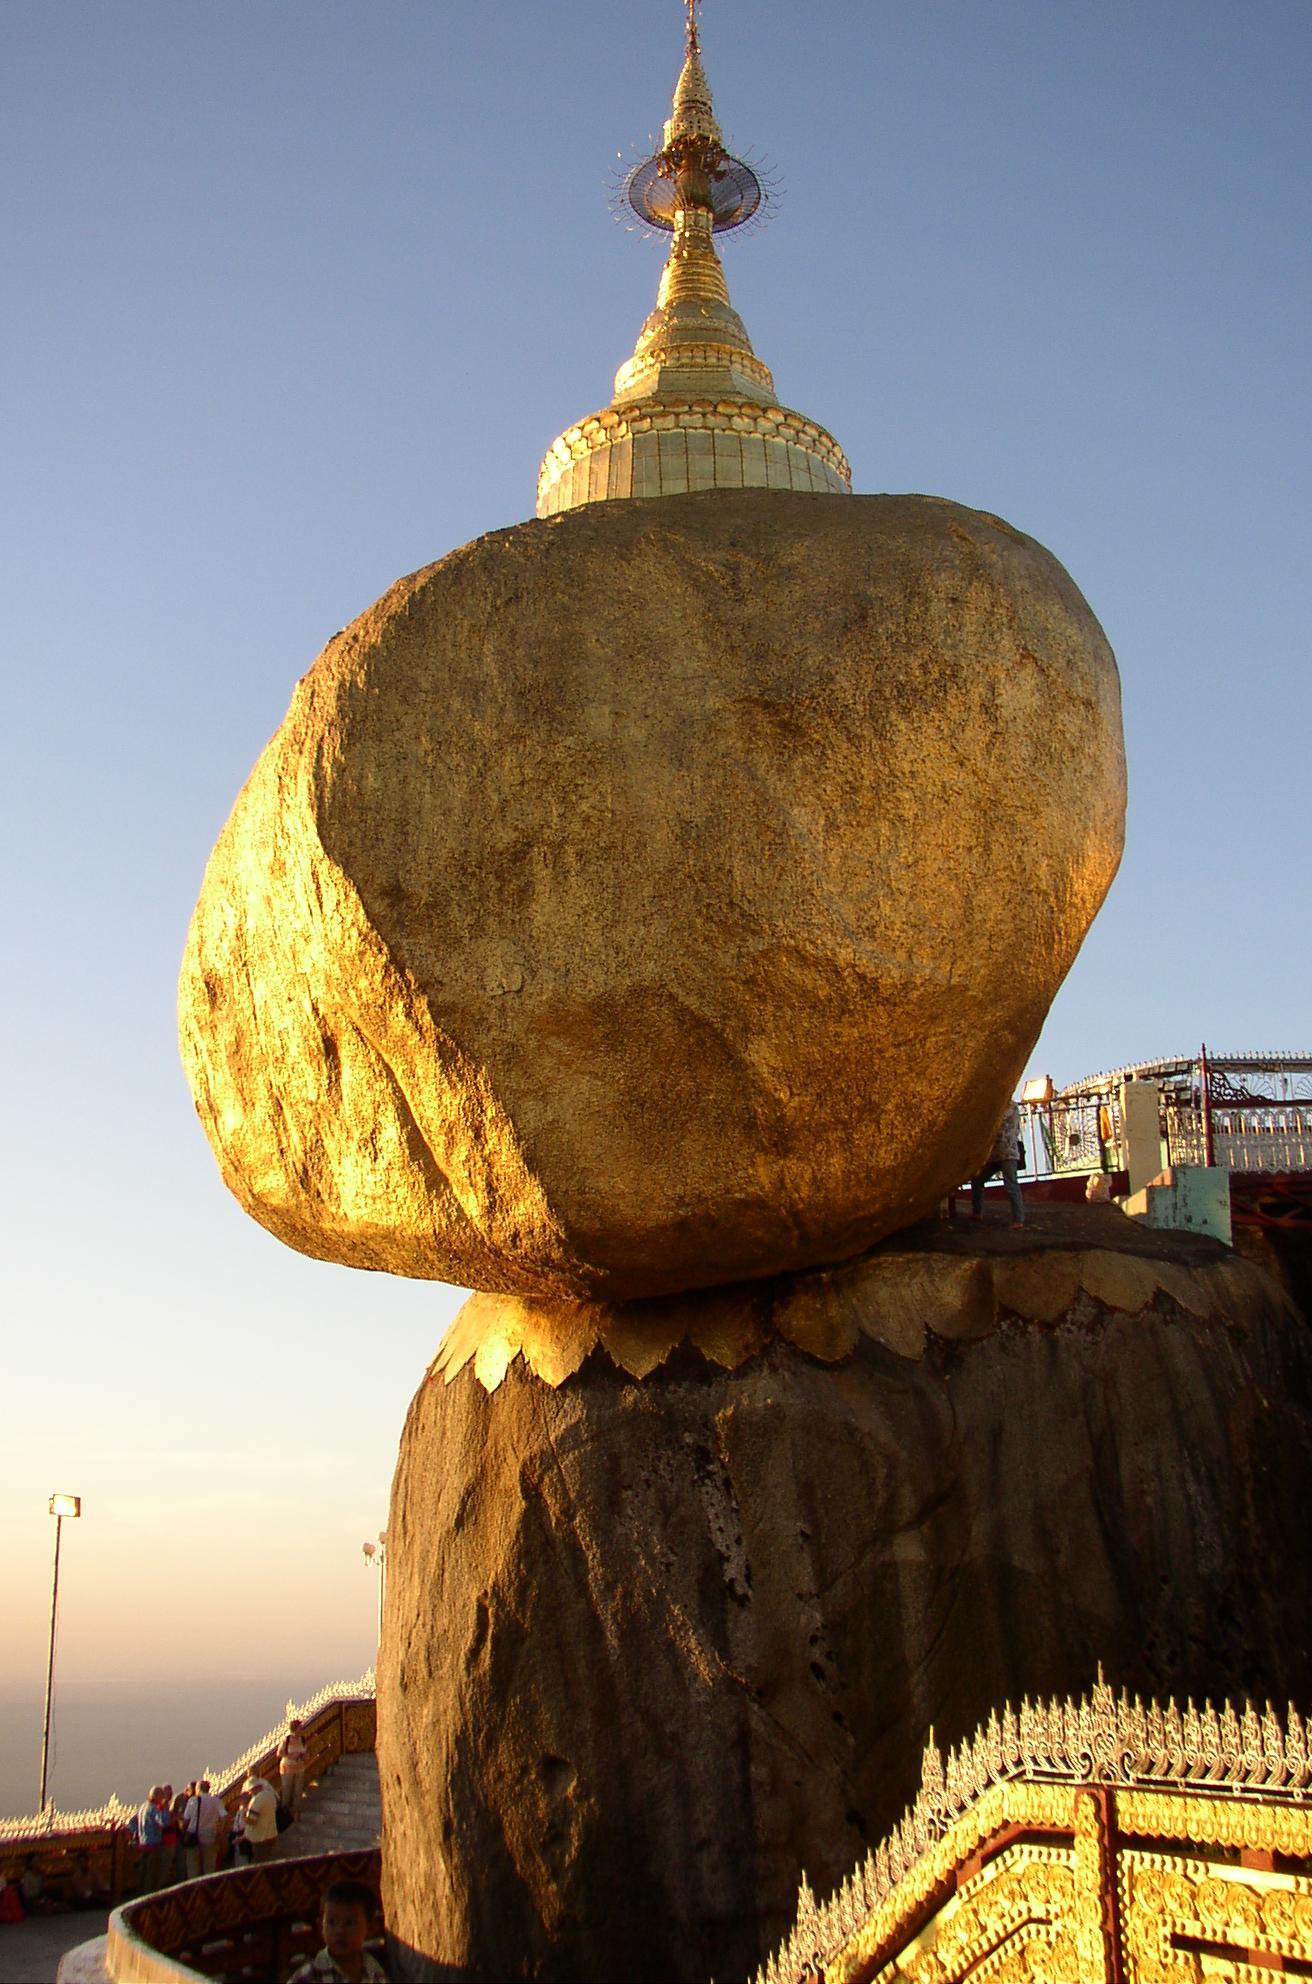 http://en.wikipedia.org/wiki/Kyaiktiyo_Pagoda